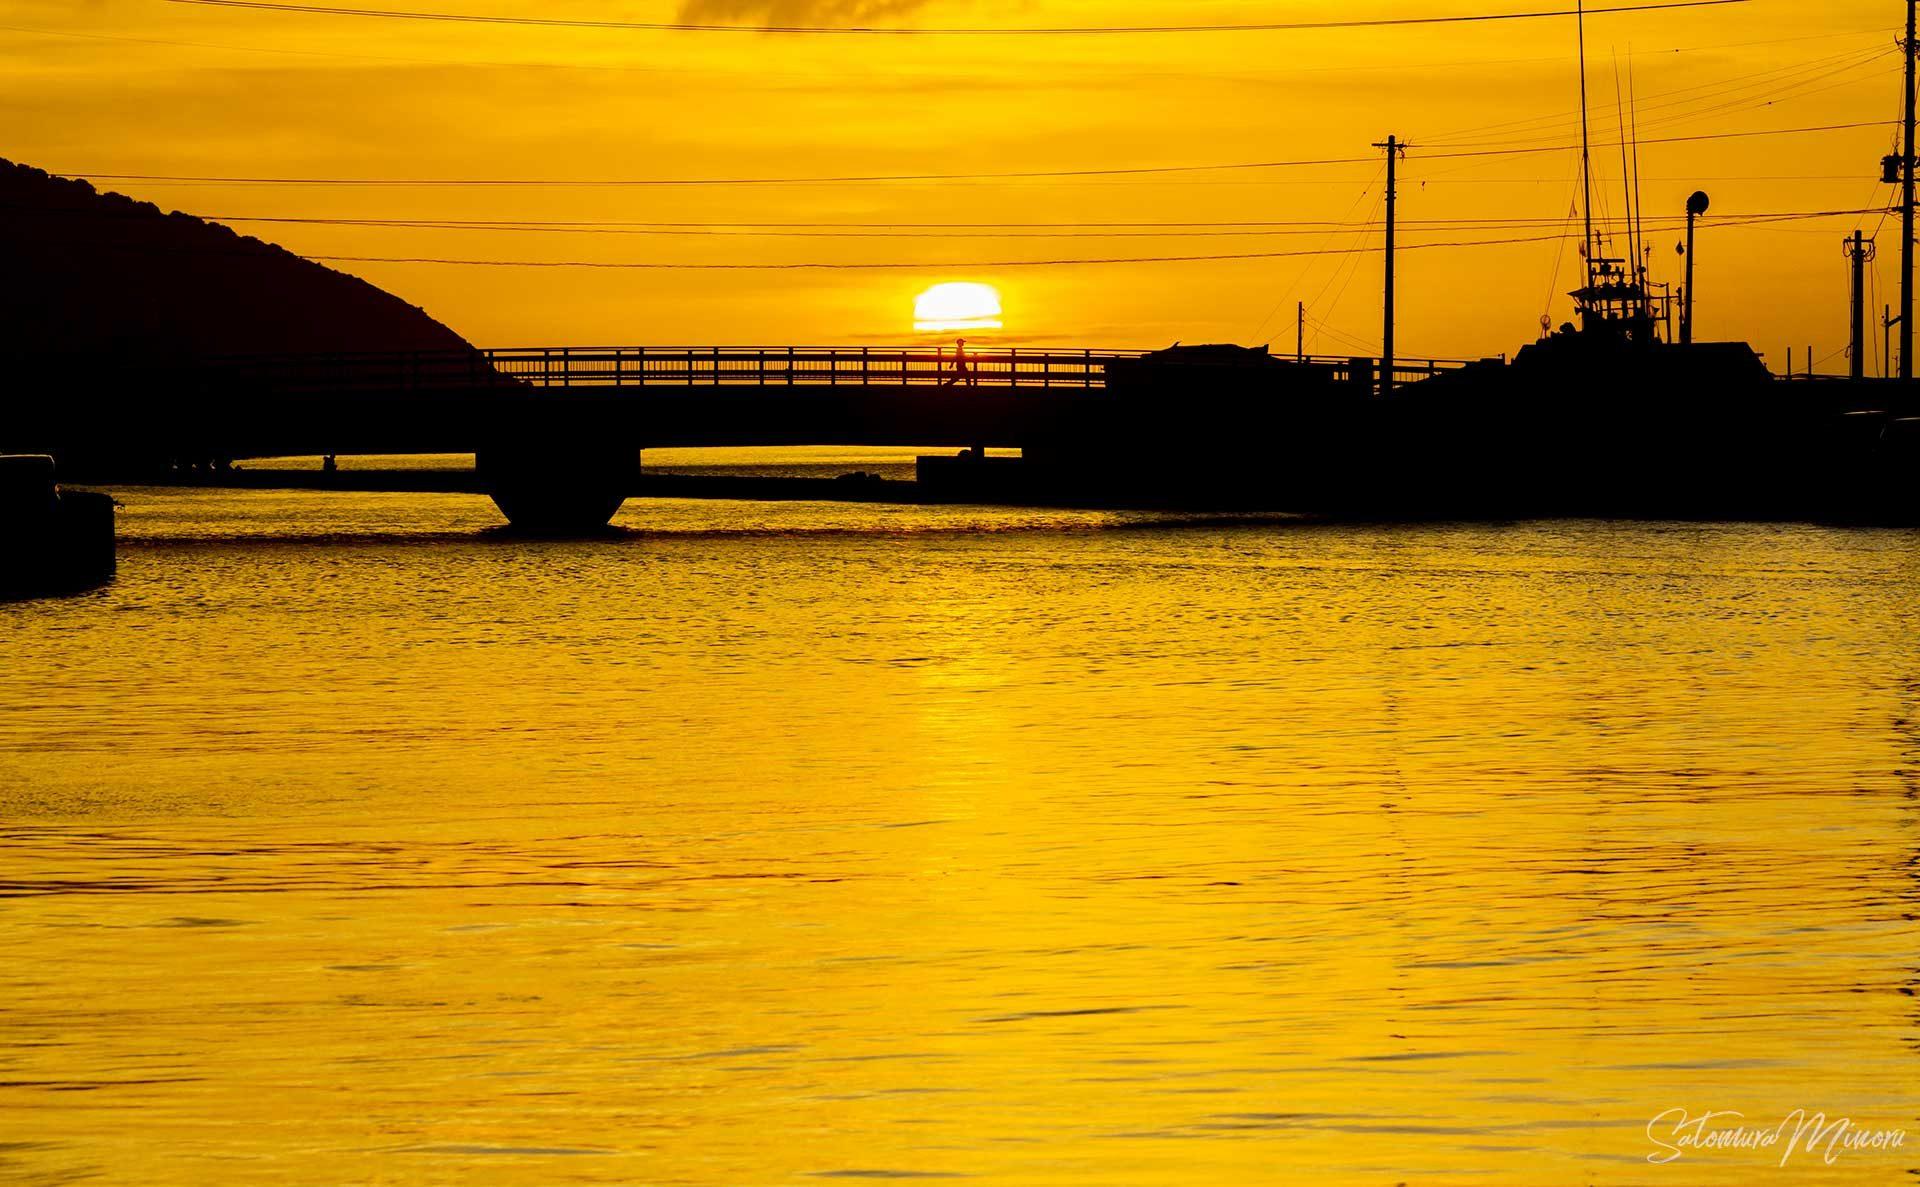 大熊橋に沈む夕日